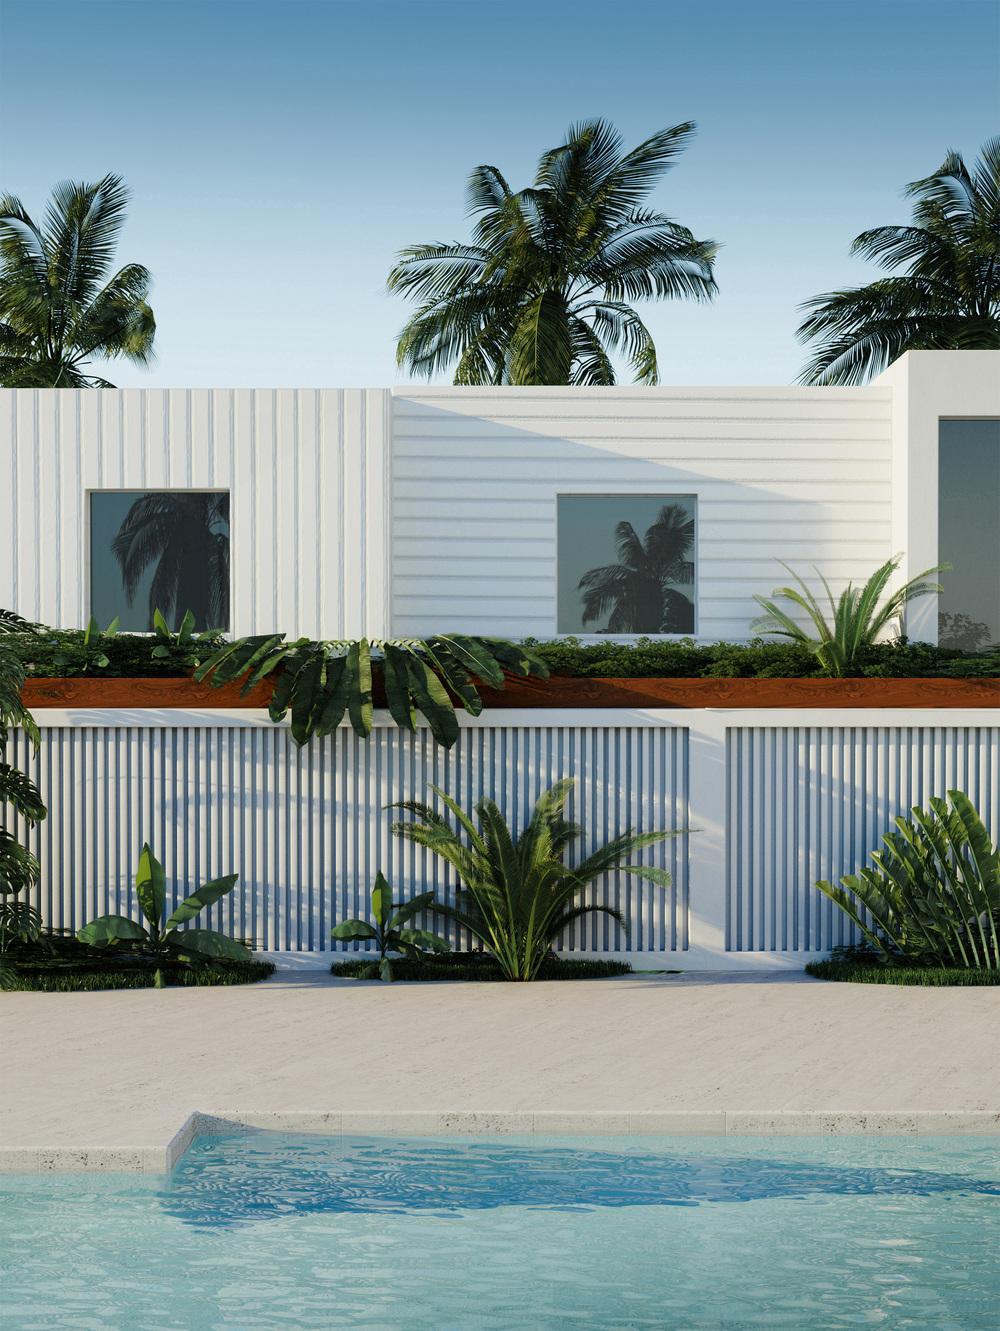 07-Fasano-SC-Beach-House-Crop-2.jpg